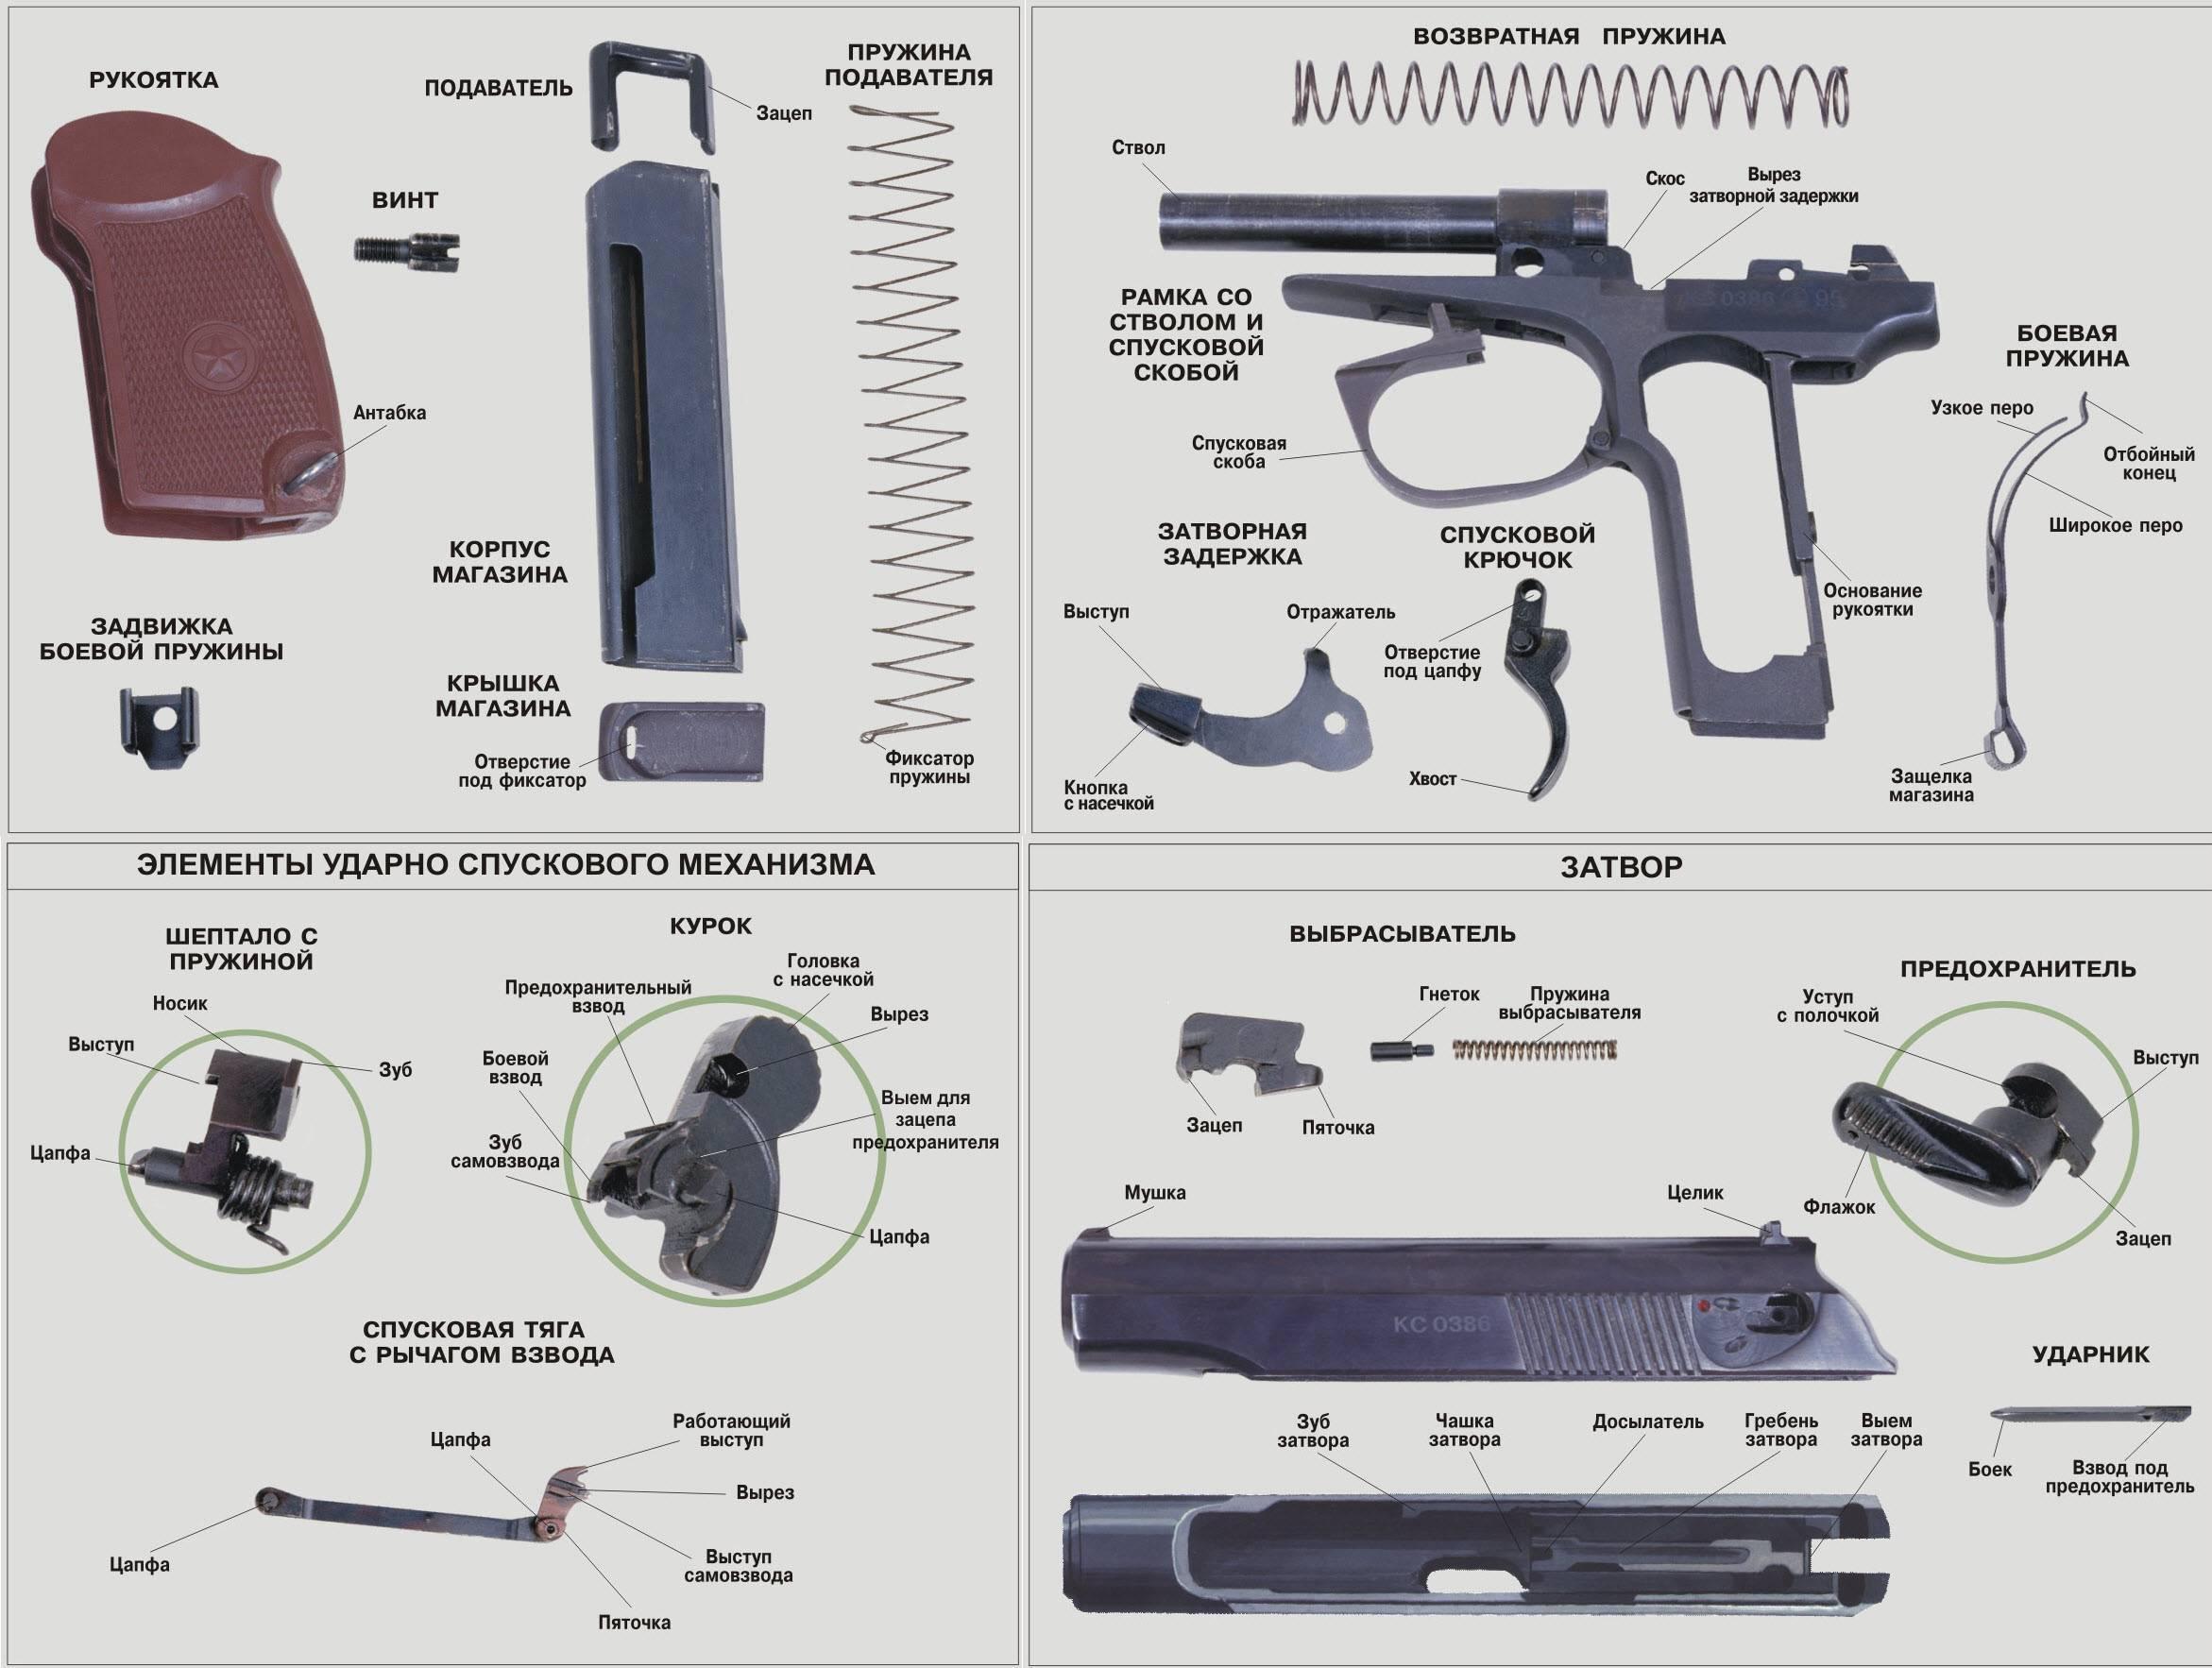 Баллистический нож: конструкционные особенности. многозарядный нож, стреляющий лезвиями как сделать баллистический нож своими руками